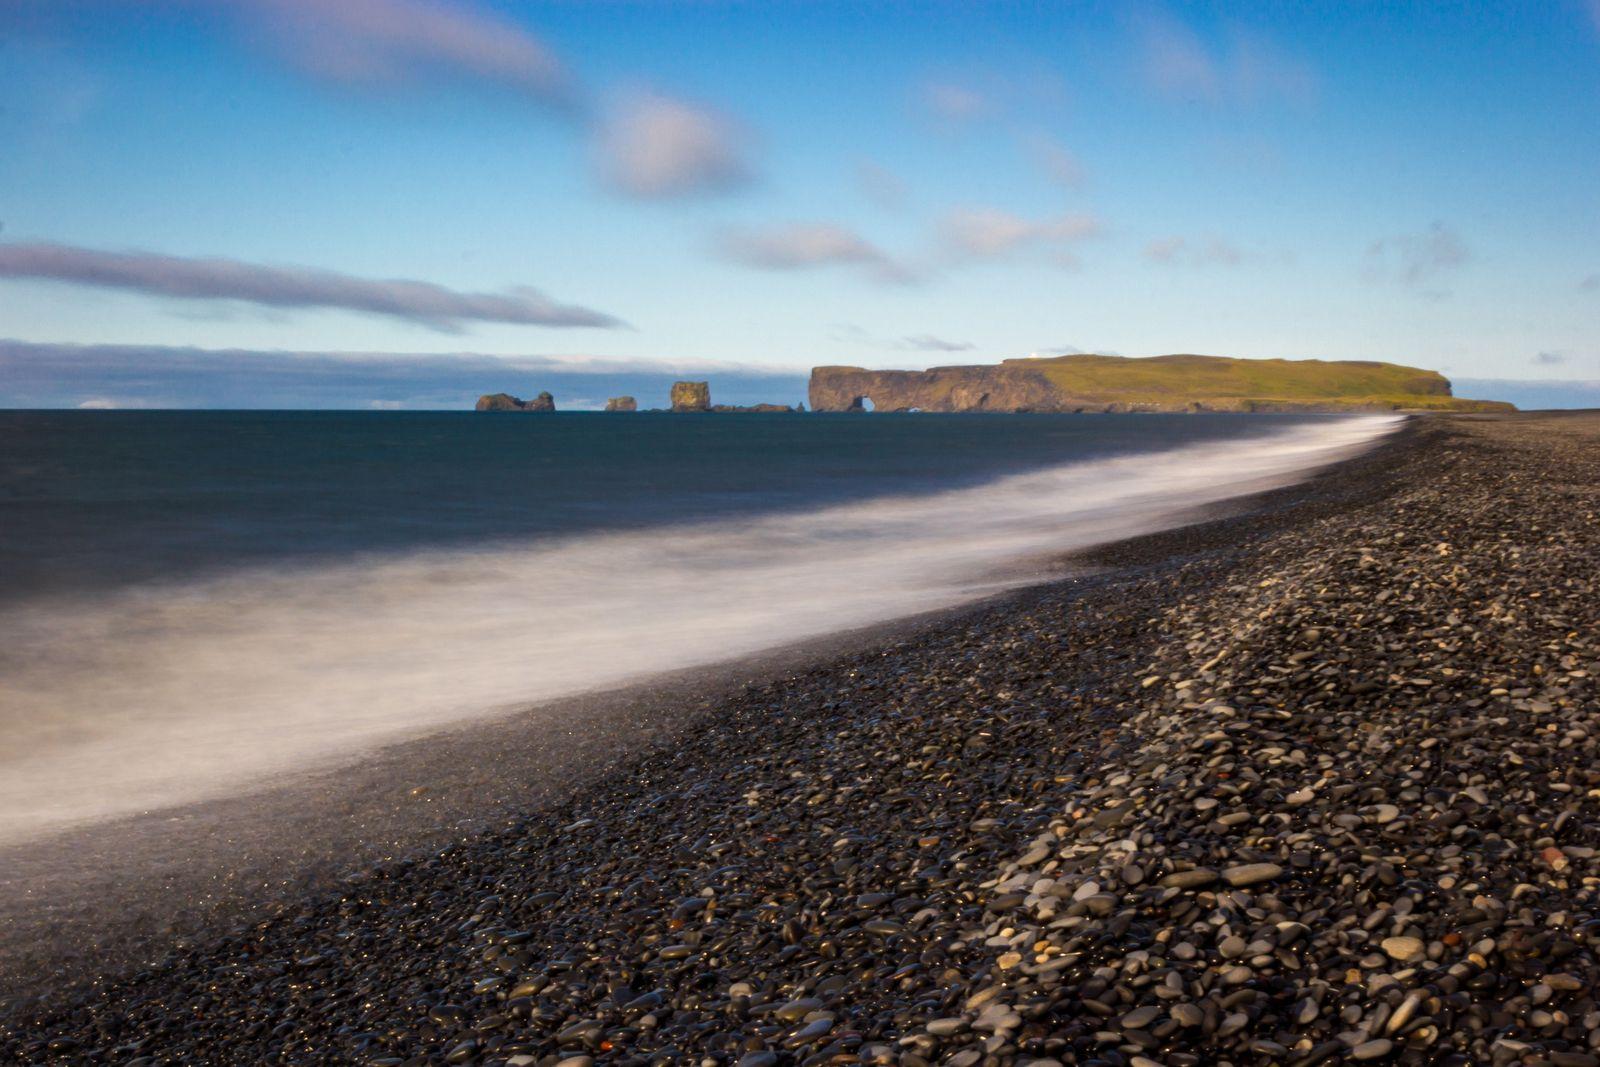 Las olas acompañadas por Dyrhólaey